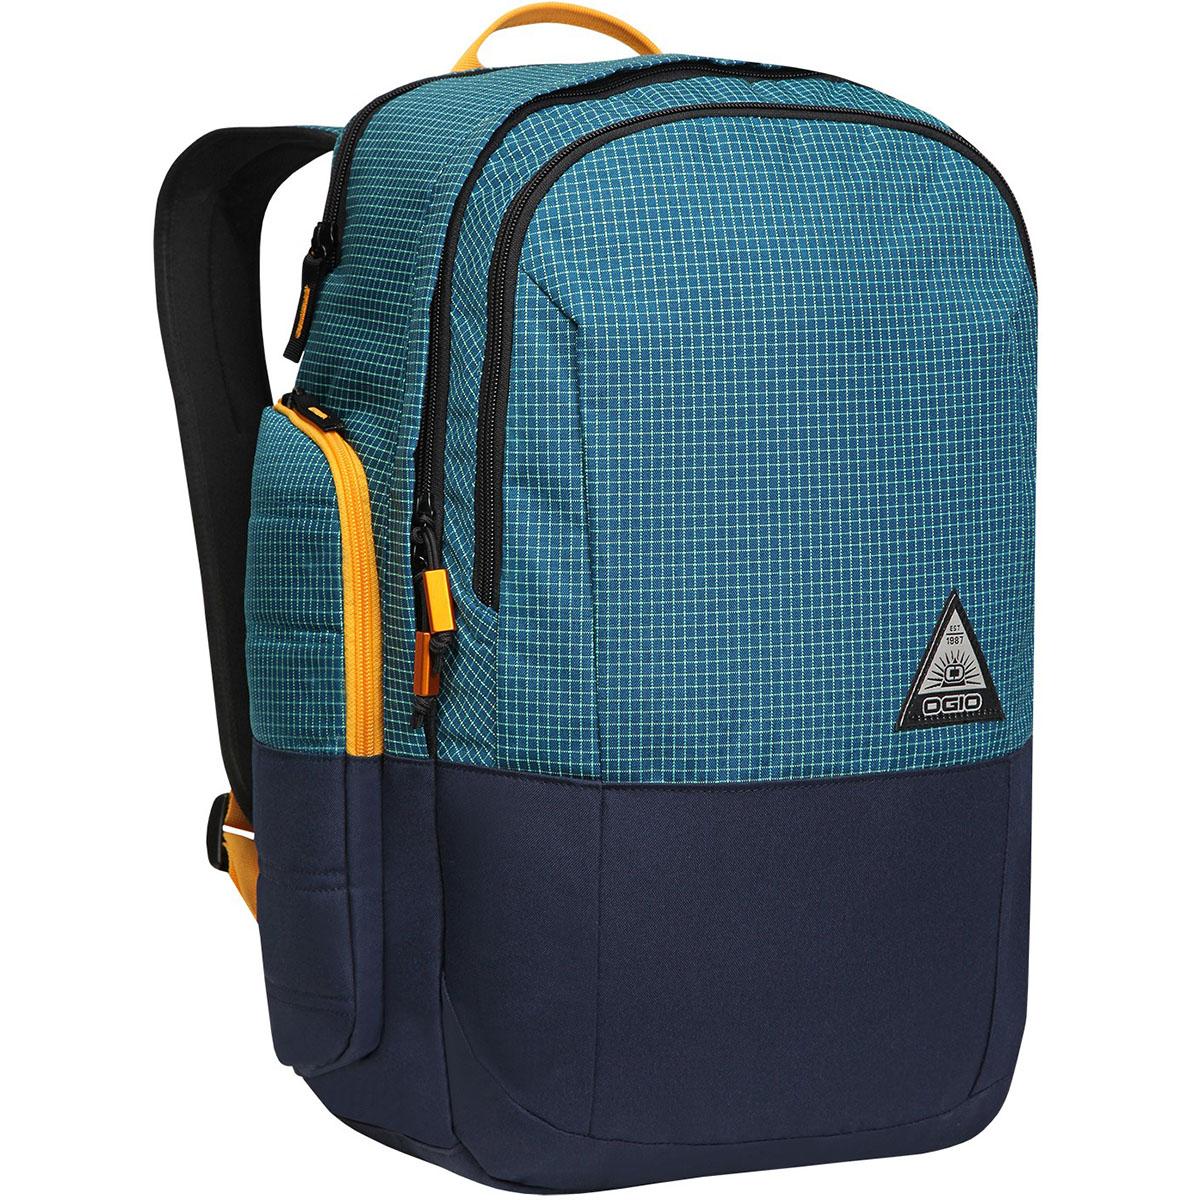 Рюкзак городской OGIO Urban. Clark Pack (A/S), цвет: синий. 031652226999031652226999Рюкзак OGIO Urban. Clark Pack (A/S) разработан для ярких и модных людей! Он позволит вам взять с собой все необходимое.Этот рюкзак стильный и в то же время функциональный, благодаря чему у вас есть возможность взять с собой множество необходимых вещей. Имеются специализированные отсеки для ноутбука и планшета, которые позволят вам не переживать за сохранность техники, а современный дизайн и отличный внешний вид рюкзака дополнят ваш образ. OGIO - высокотехнологичный продукт от американского производителя. Вместимые сумки для путешествий, работы и отдыха, специальная коллекция городских сумок для женщин, жесткие боксы под мелкий инвентарь и многое другое.